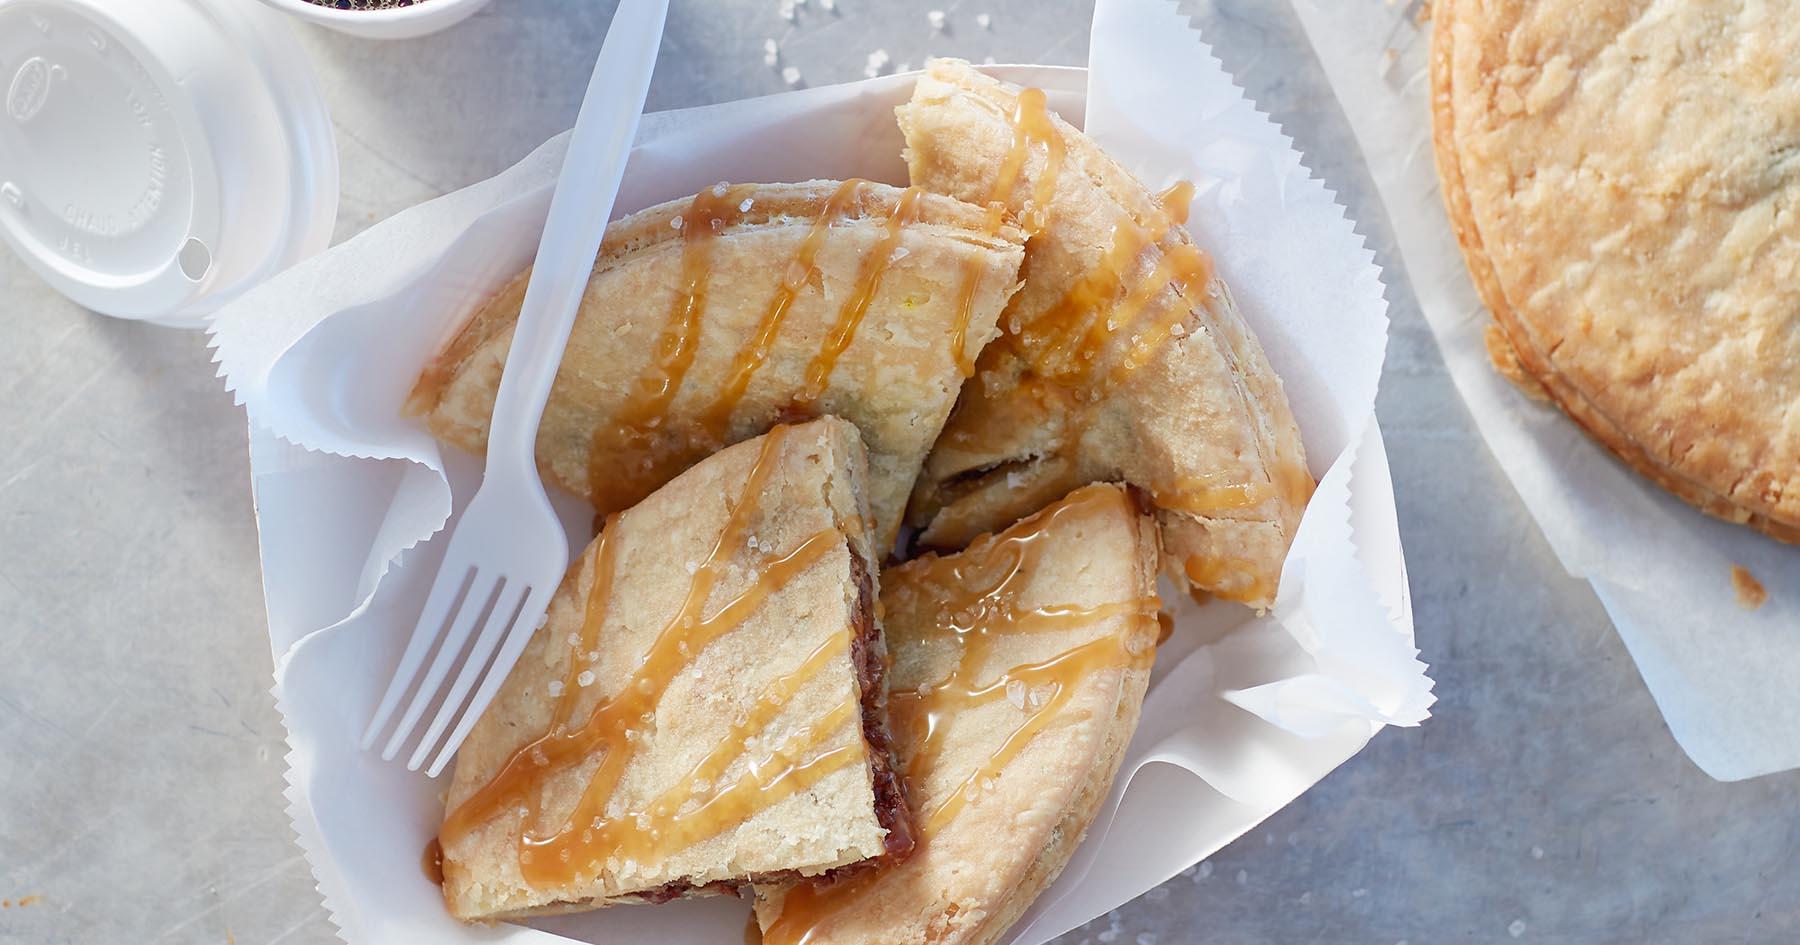 Sea Salt Caramel Bacon Pecan Pies